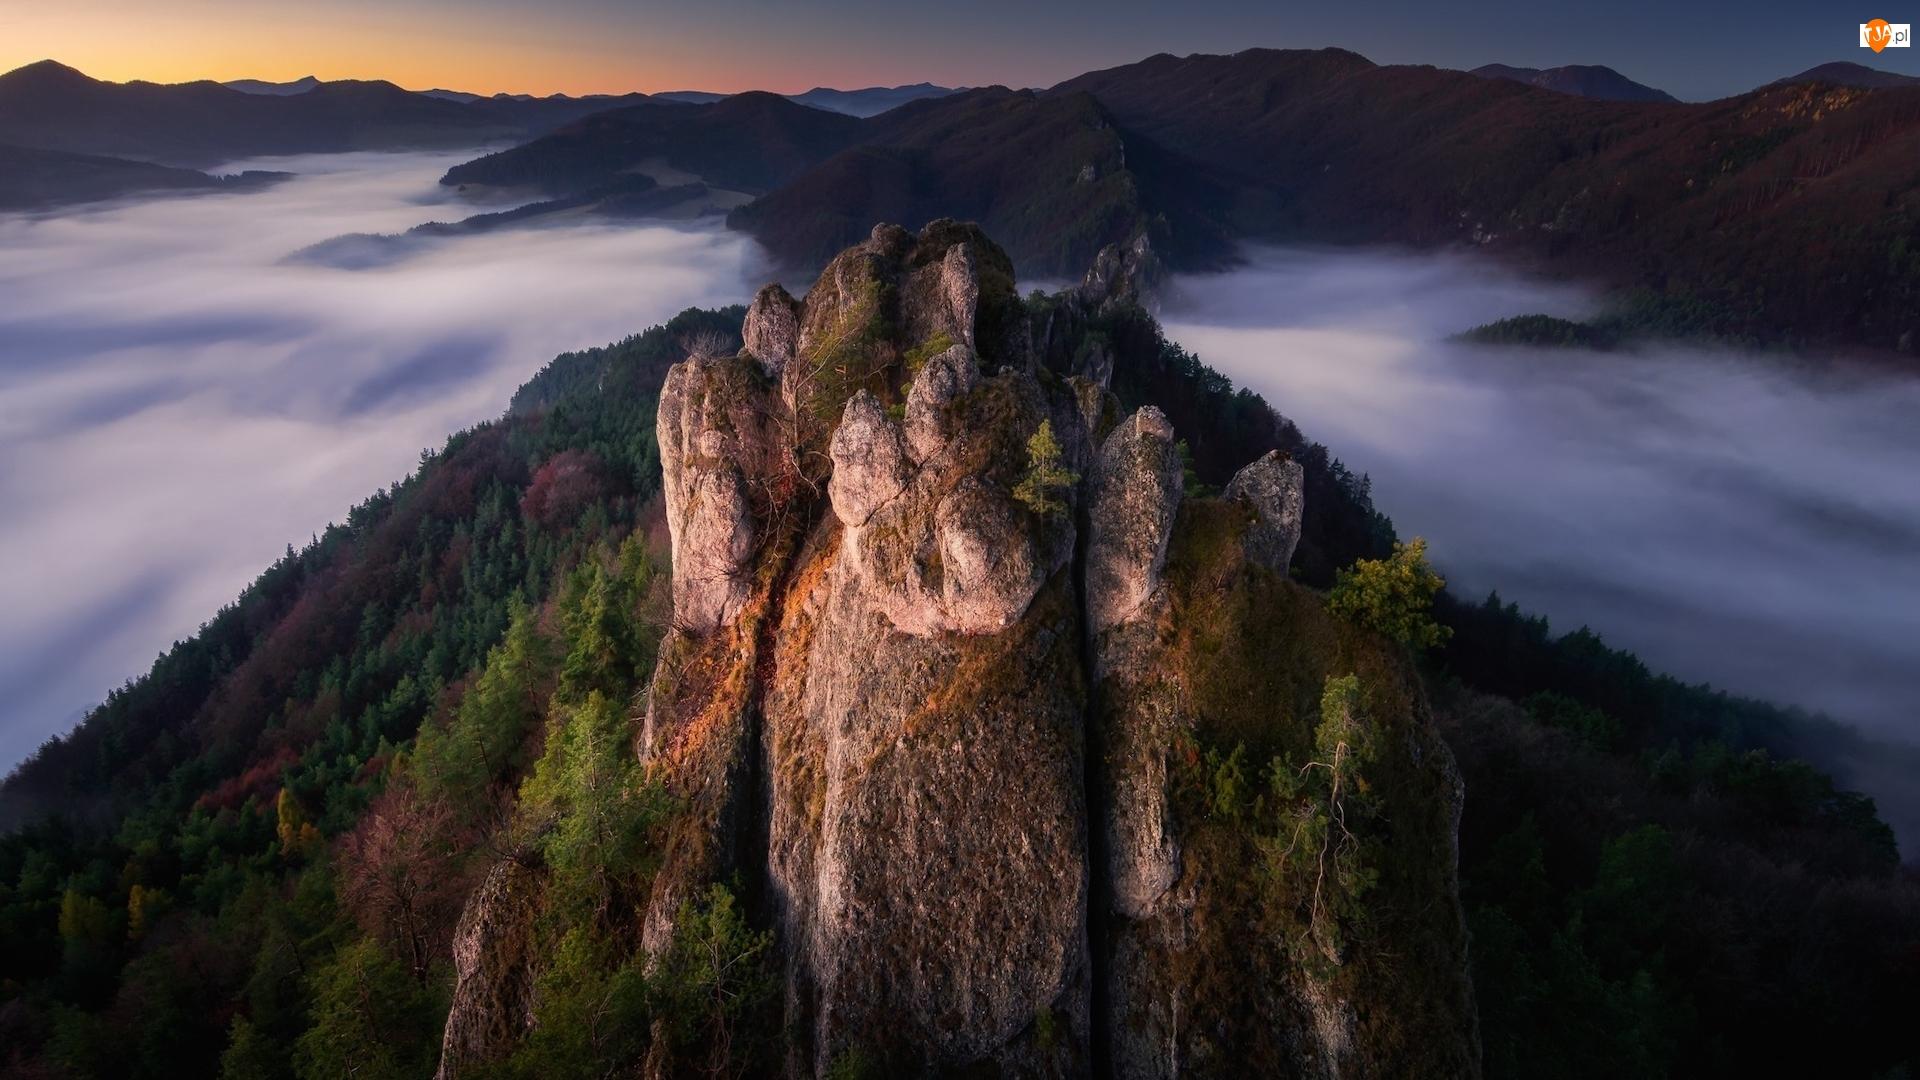 Roślinność, Góry, Skały, Mgła